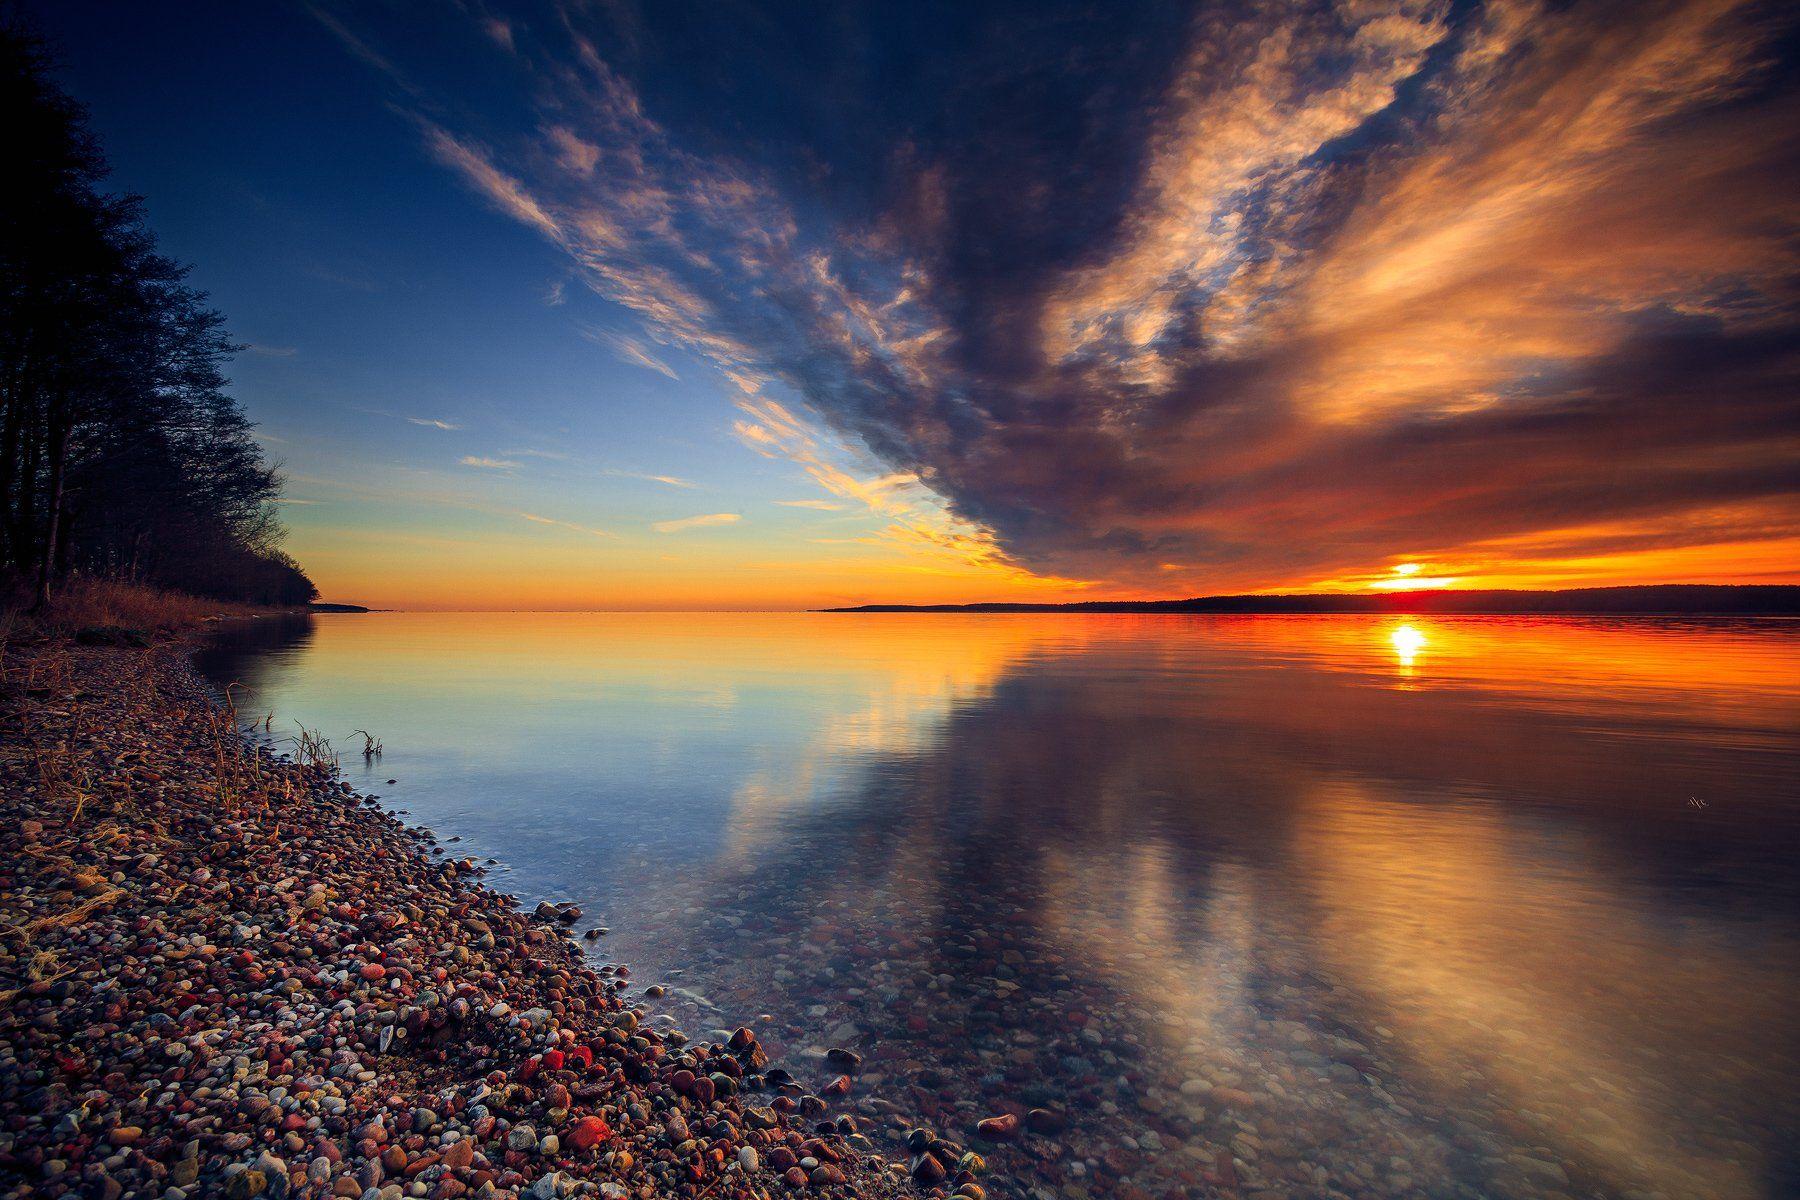 sunset, colors, calm, sun, reflection, curonian gulf, Руслан Болгов (Axe)